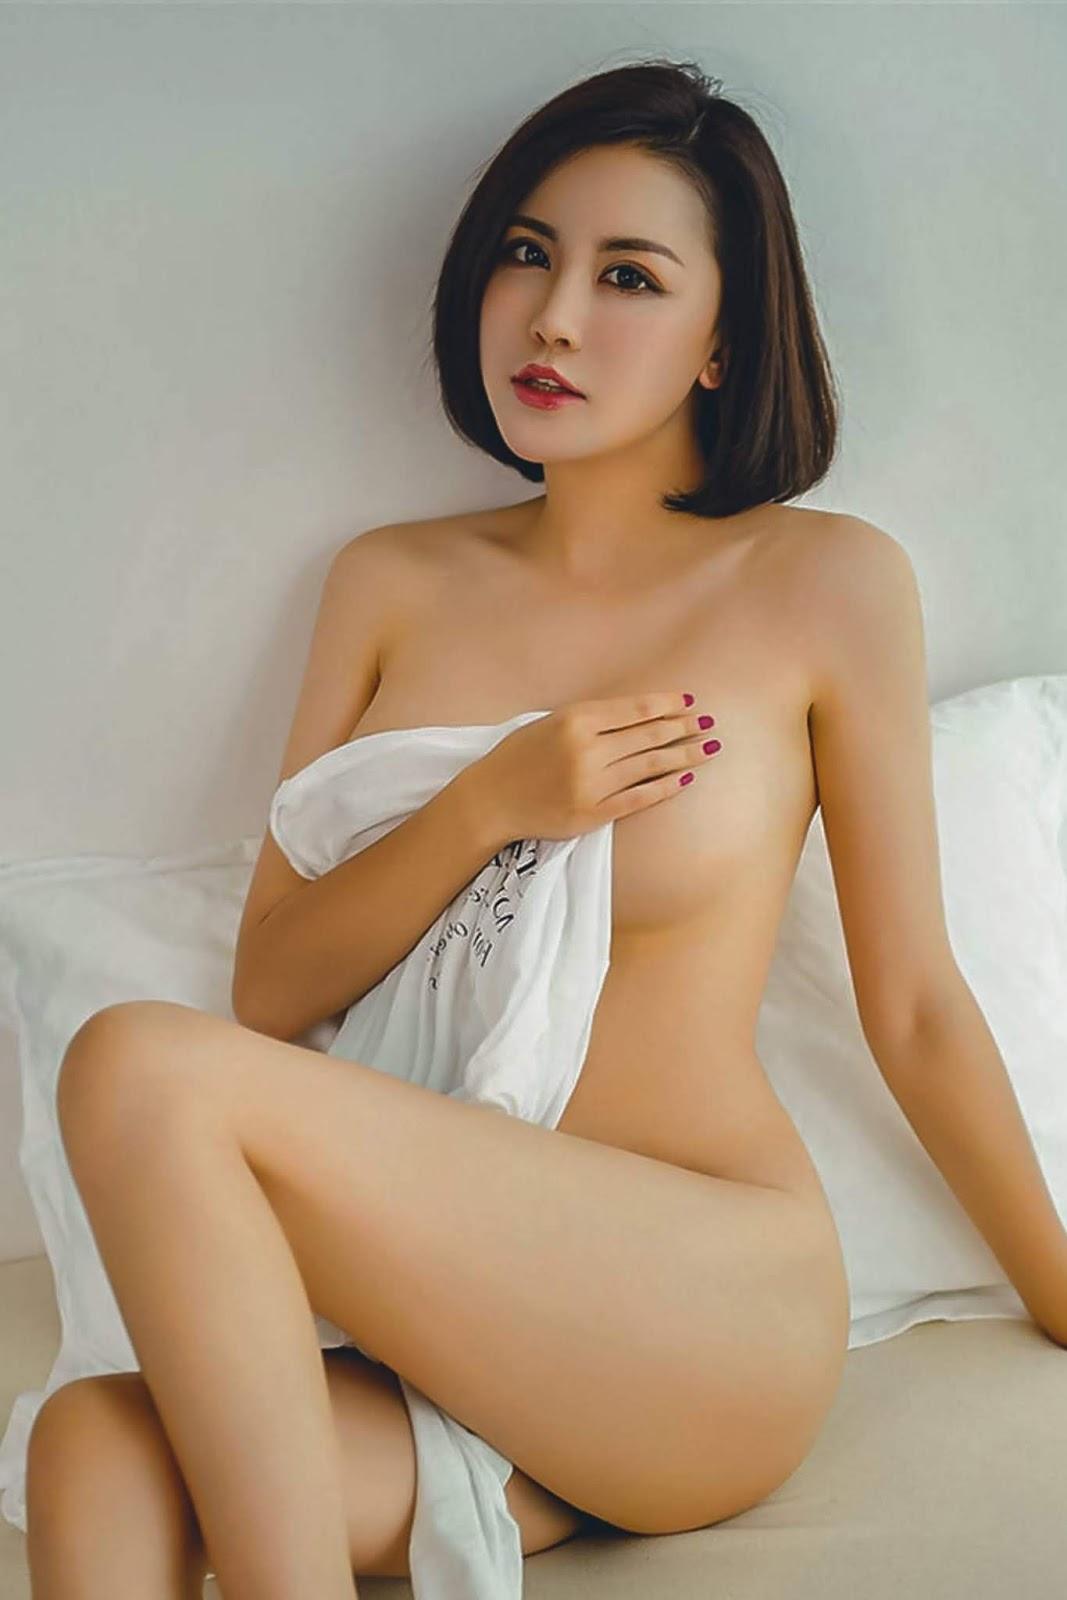 Actress topless pinay